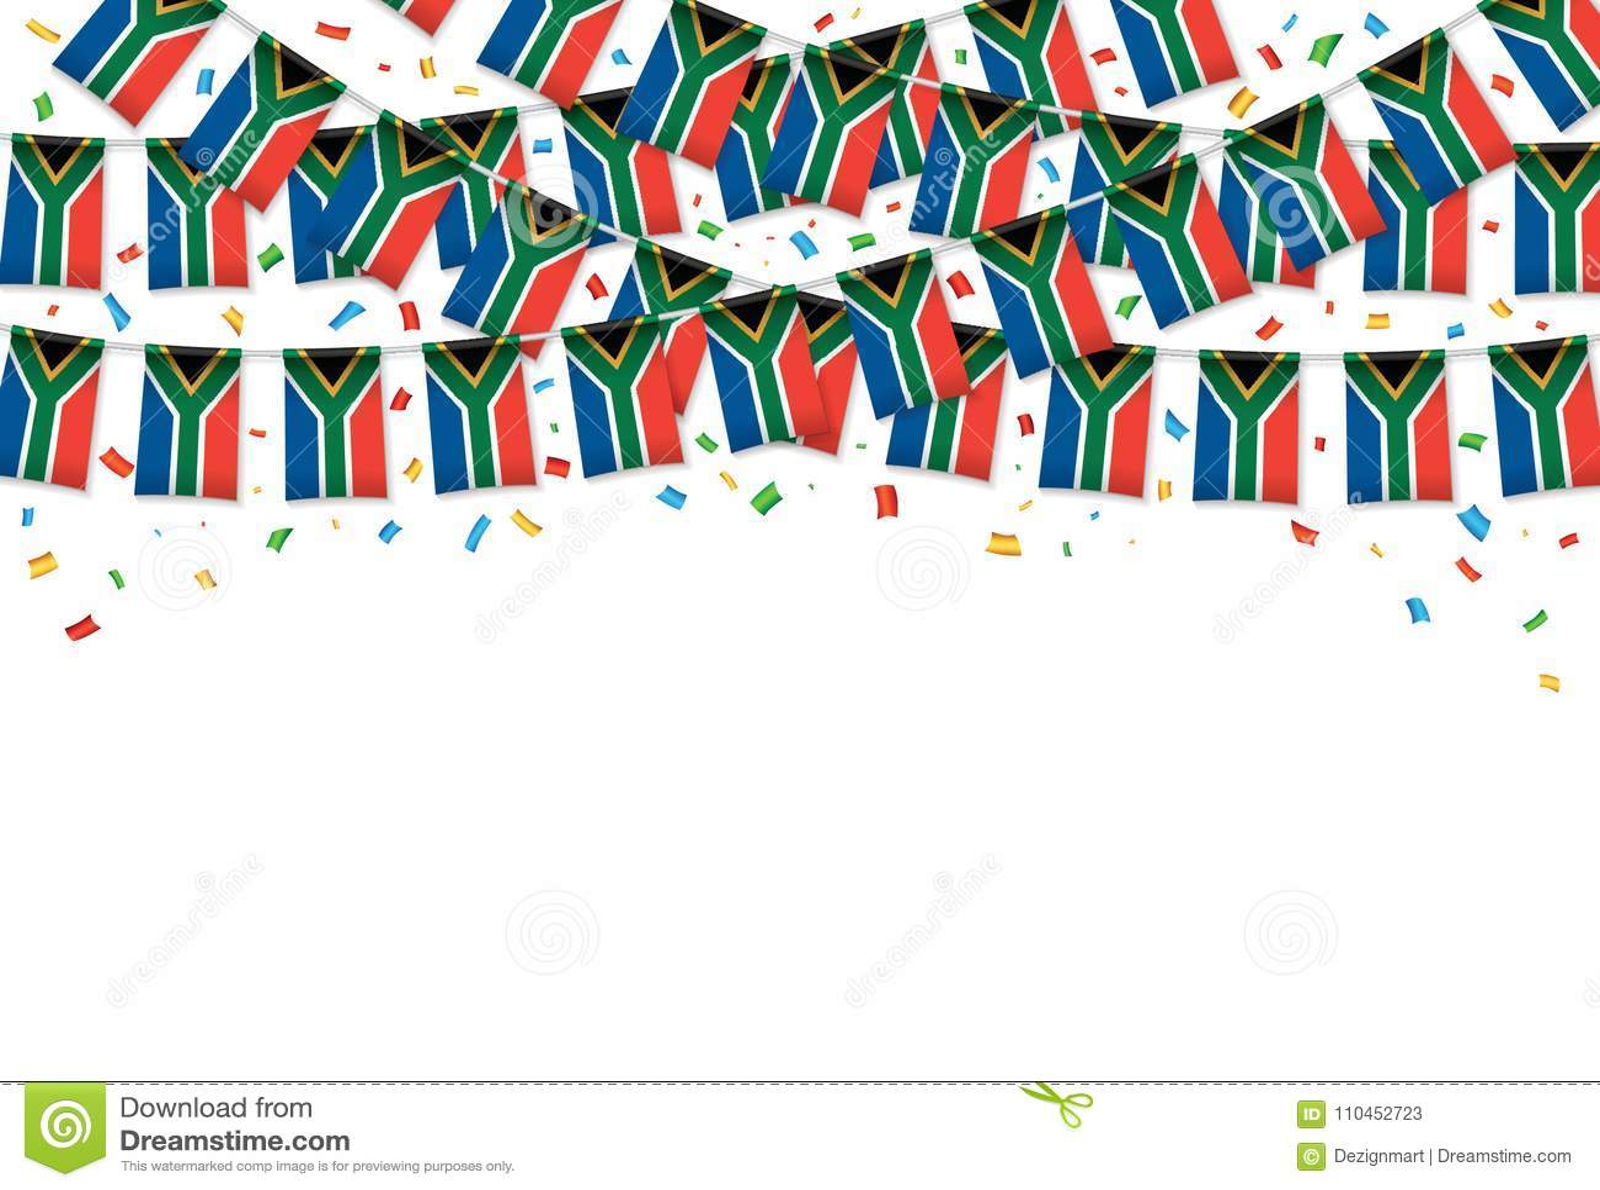 Sydafrika sjunker vit bakgrund för girlanden med konfettier, hängningbunting för självständighetsdagen